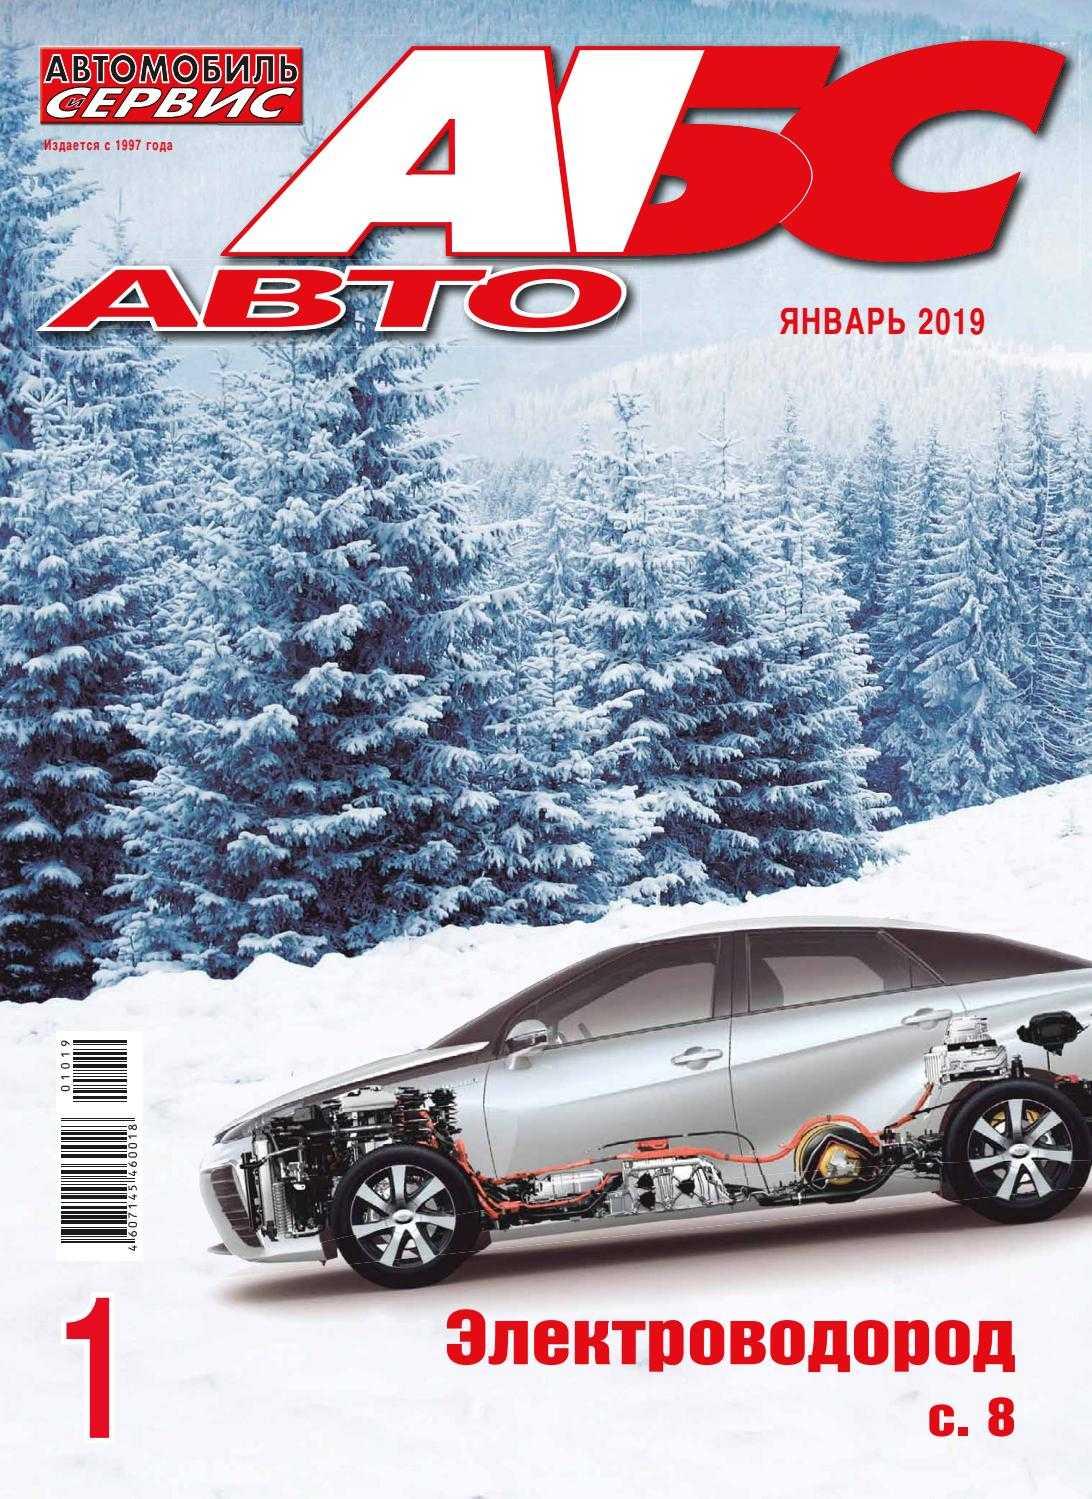 База данных марок и моделей автомобилей 2021. скачать базу по автомобилям